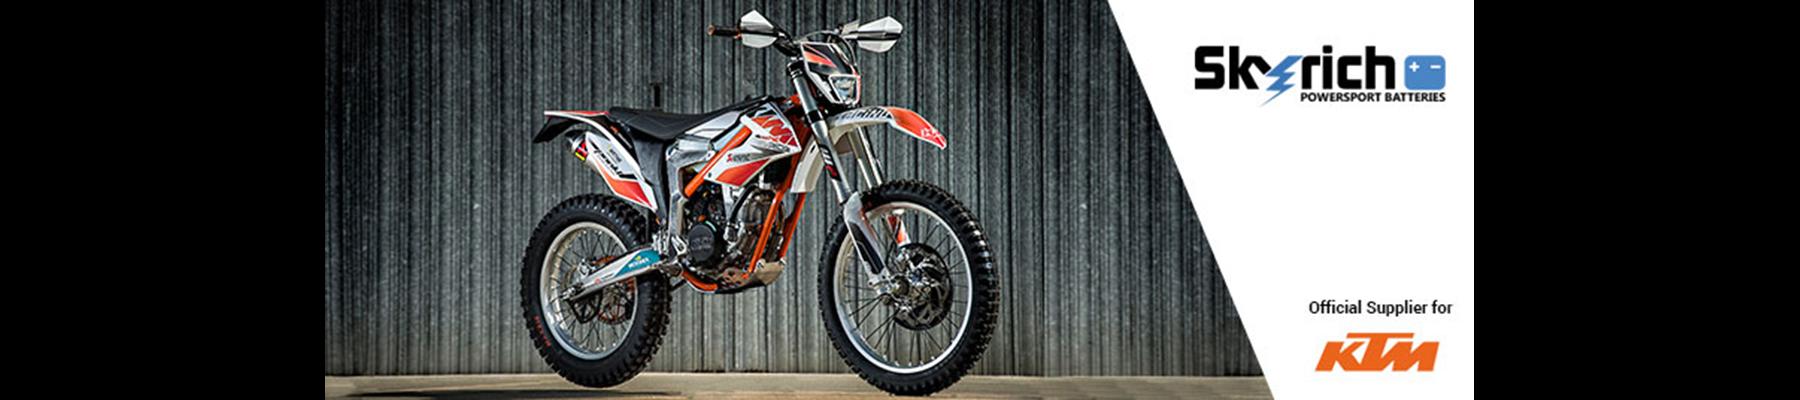 Baterias de litio para moto Skyrich  2 años de garantía